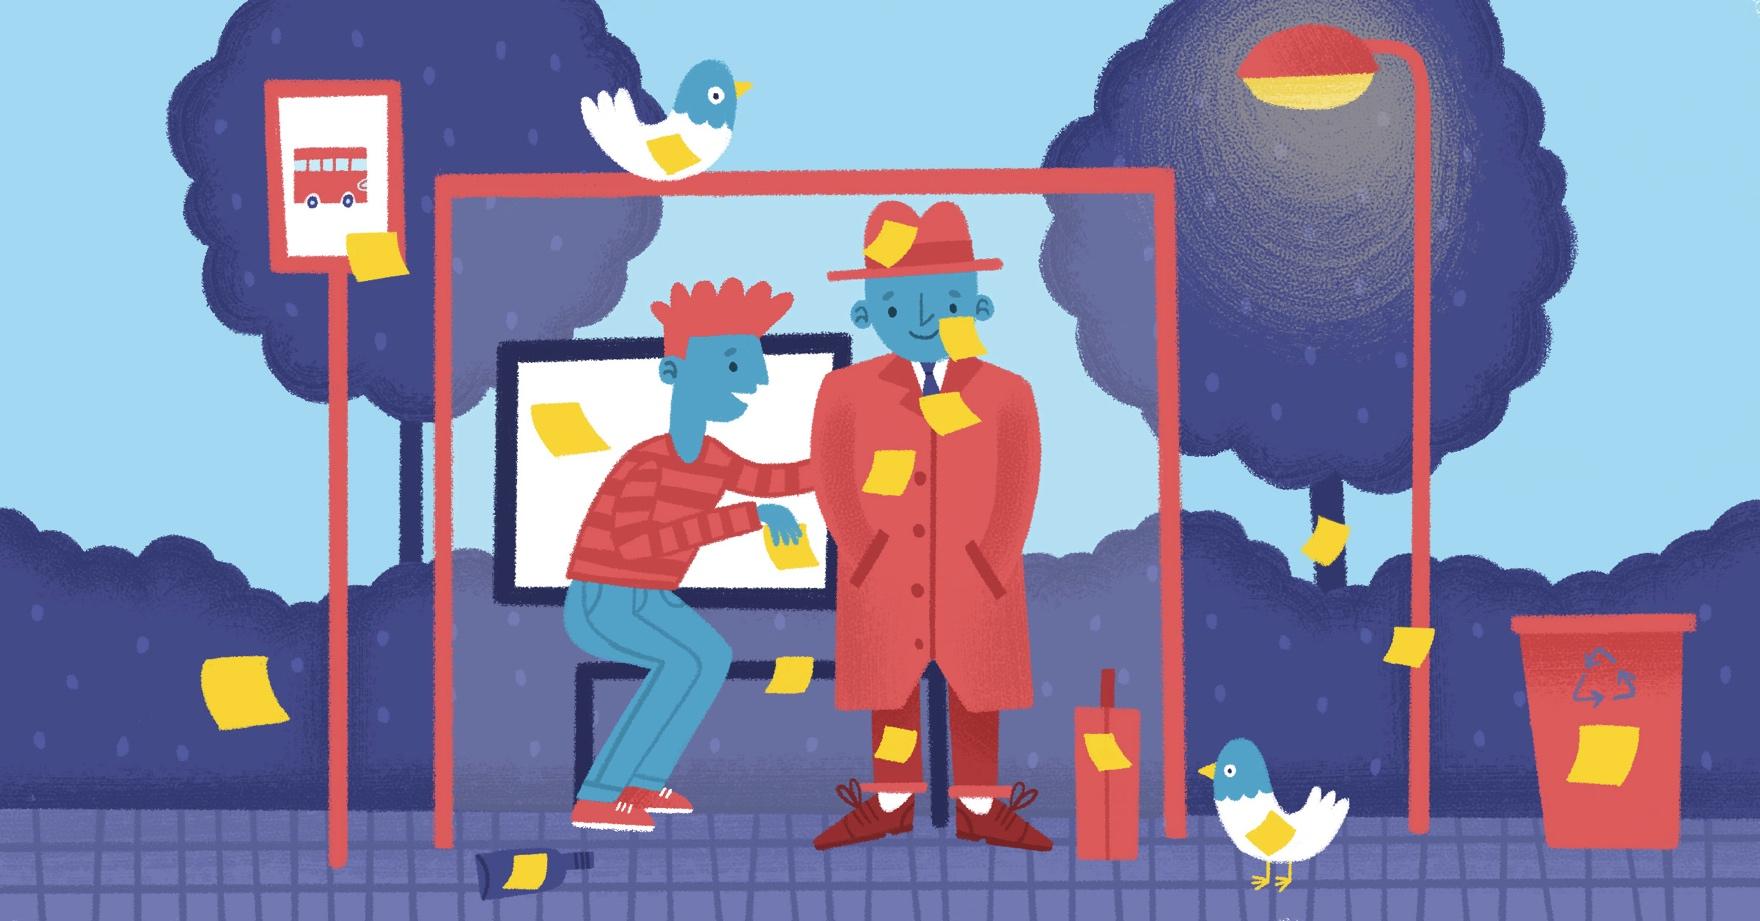 Haftzettel als Lernhilfe– 20 Tipps, wie du damit eine neue Sprache lernst